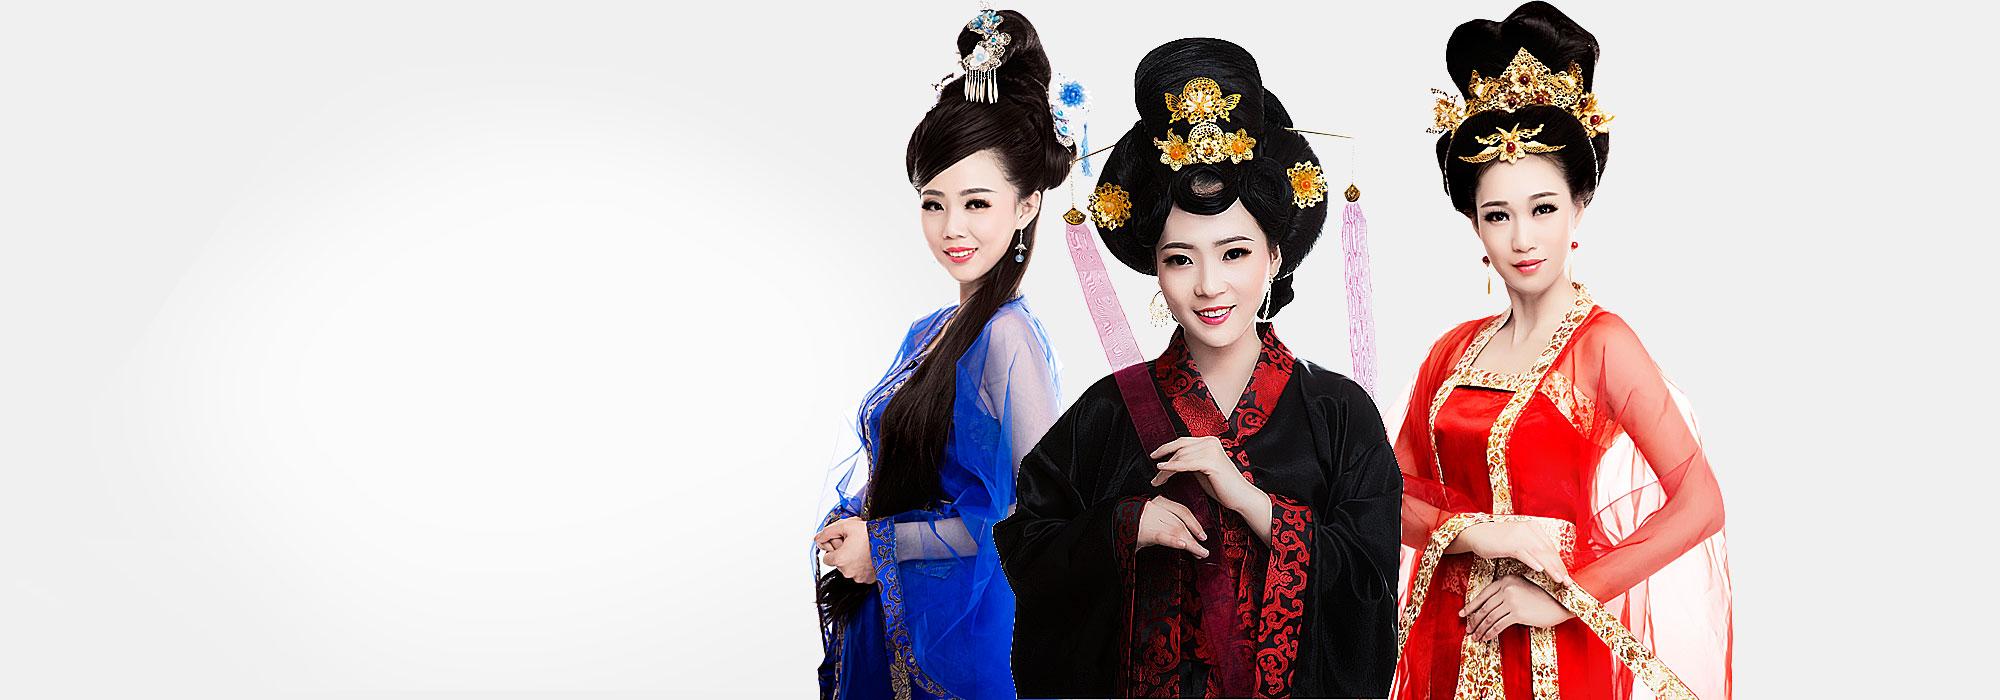 天使妆 金属妆 日本艺妓妆 晒伤妆 瓷娃娃妆 精灵妆 梦幻妆 时尚创意